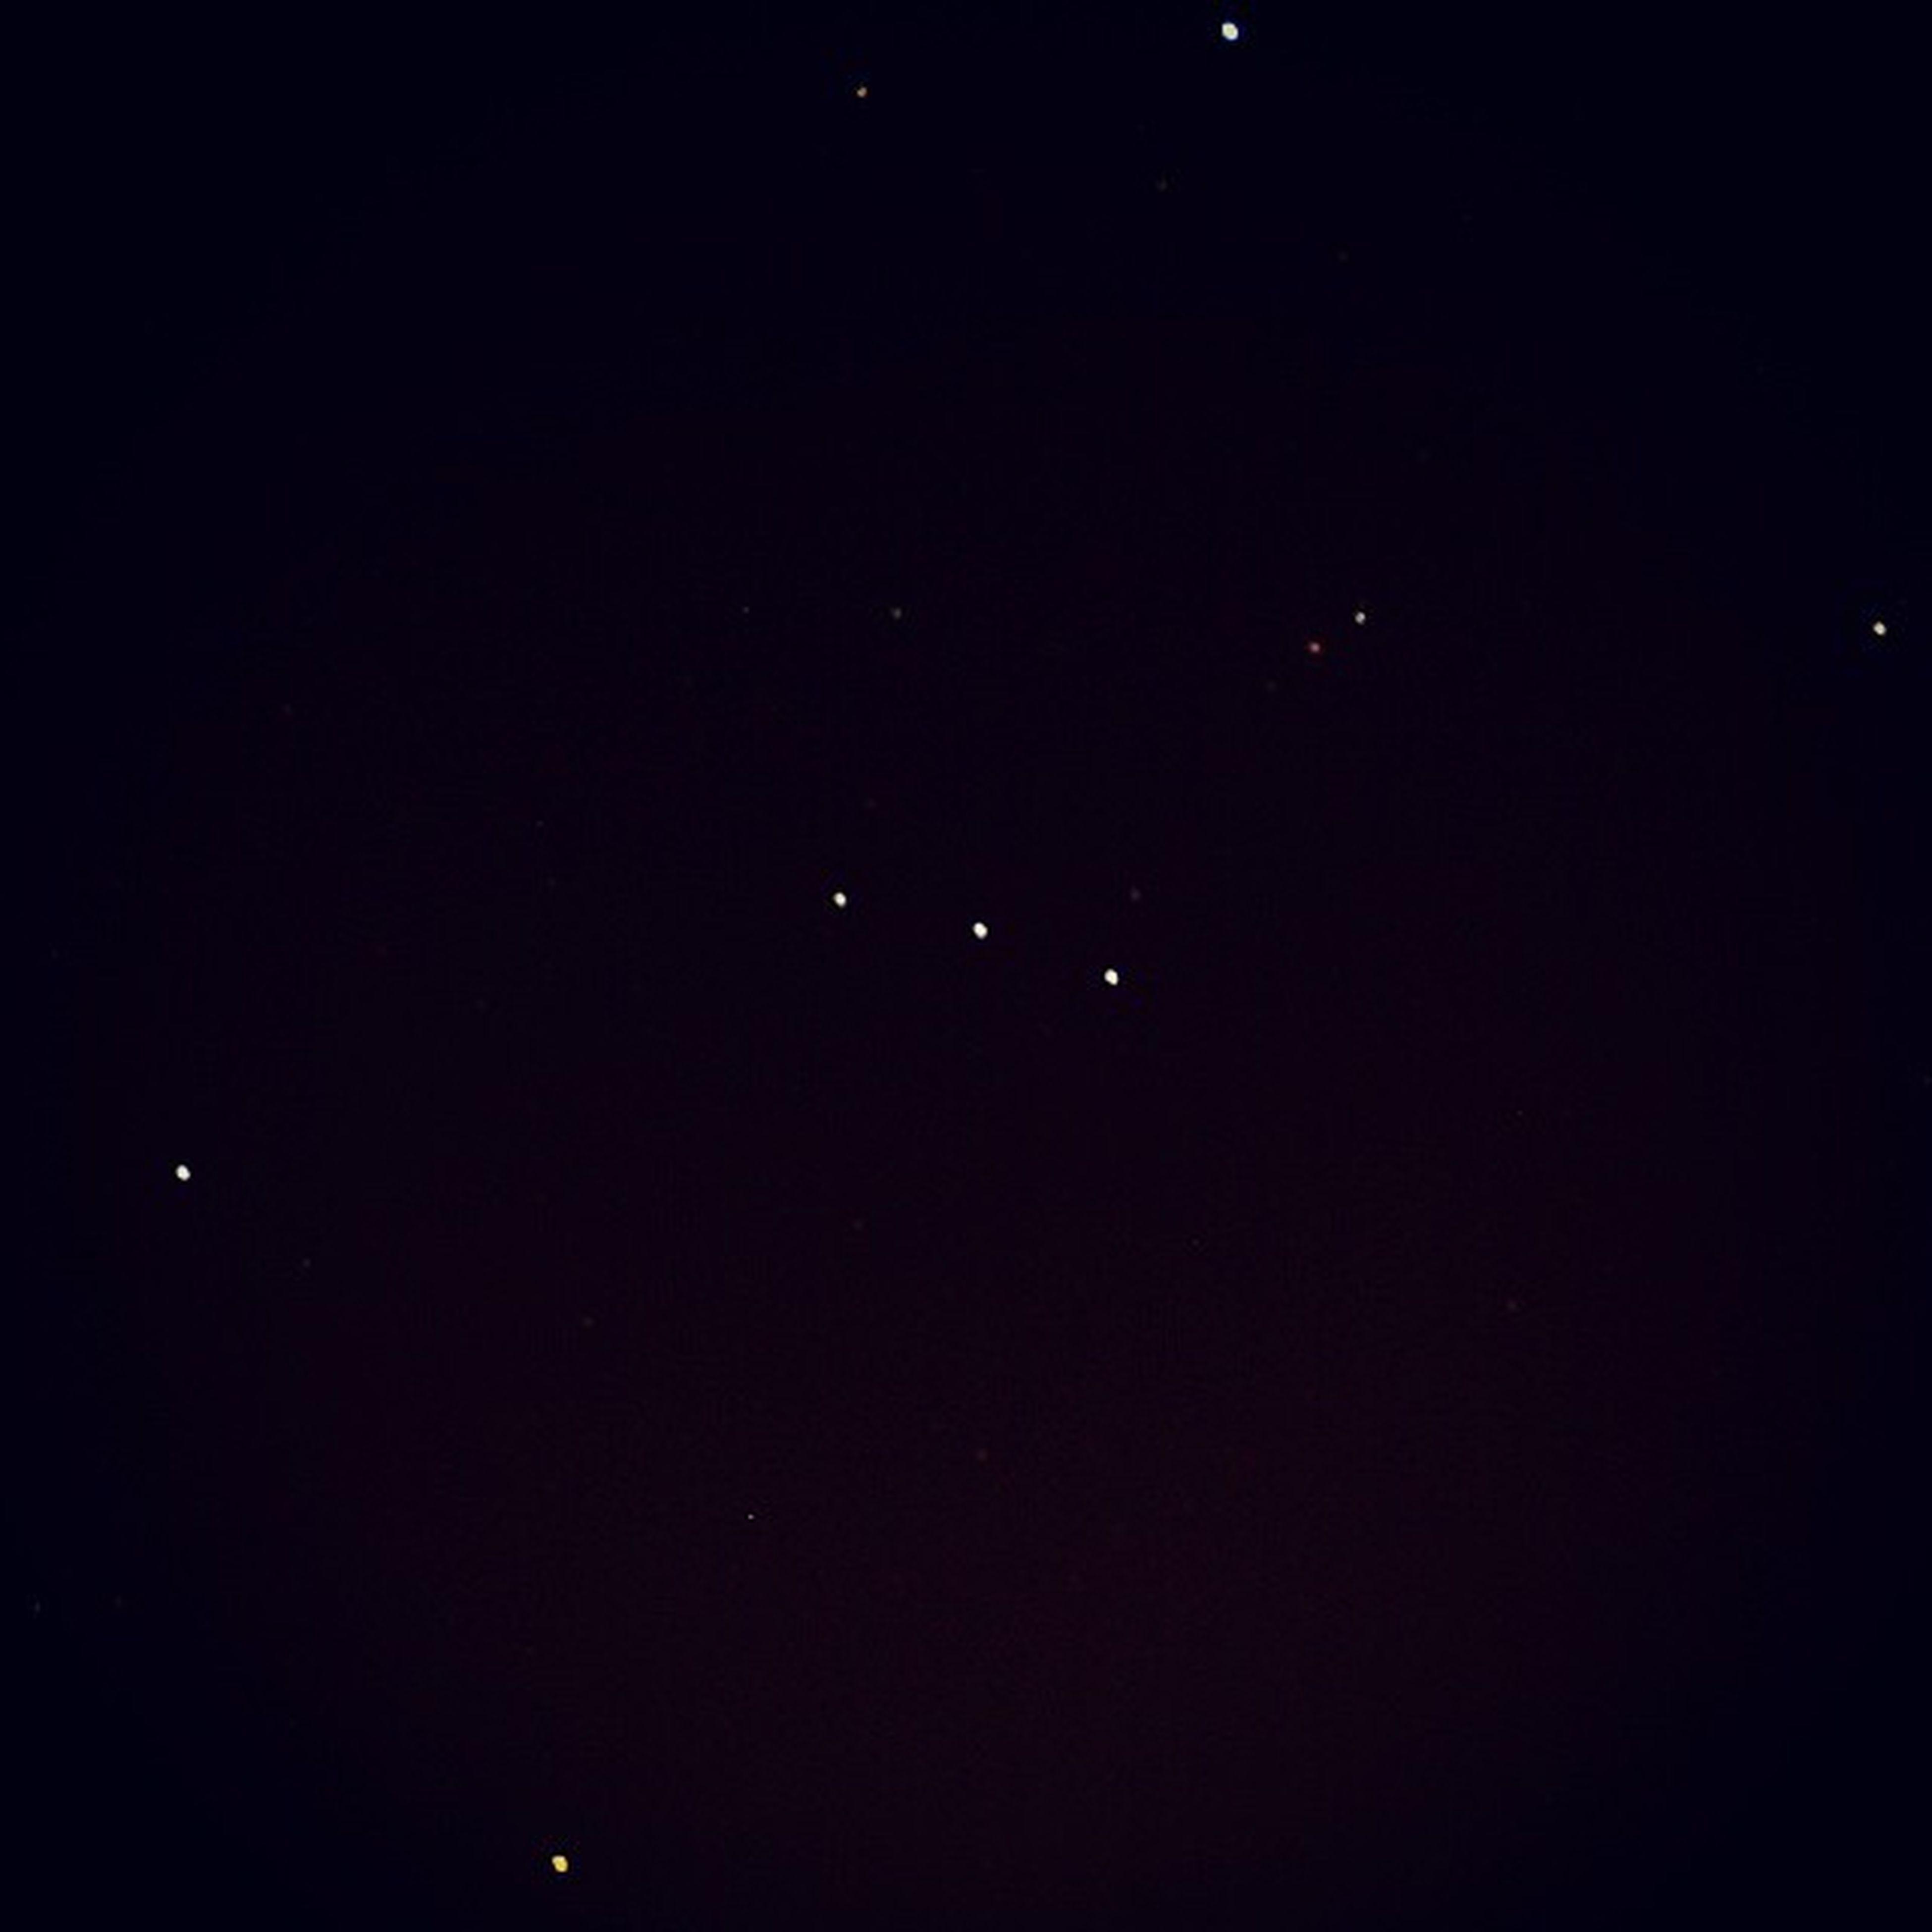 """  Três Marias 🌟🌟🌟  O Cinturão de Órion é parte de uma constelação que no Brasil é conhecida como """"Três Marias"""". Em outros países, é chamado """"Três Reis"""". Na ordem, da esquerda para a direita, temos as seguintes estrelas (que formam o cinturão): Mintaka , Alnilan e Alnitak . O ponto mais brilhante, acima: Rigel . Ao lado direito, Saiph . Na extrema esquerda: Bellatrix , também conhecida como """"Estrela Amazona"""". O ponto luminoso em vermelho, abaixo, temos a supergigante vermelha Betelgeuse . Foto de alta exposição: 20 segundos. Astronomy Astrophotography Night Sky Nightsky Noitenoinstagram"""